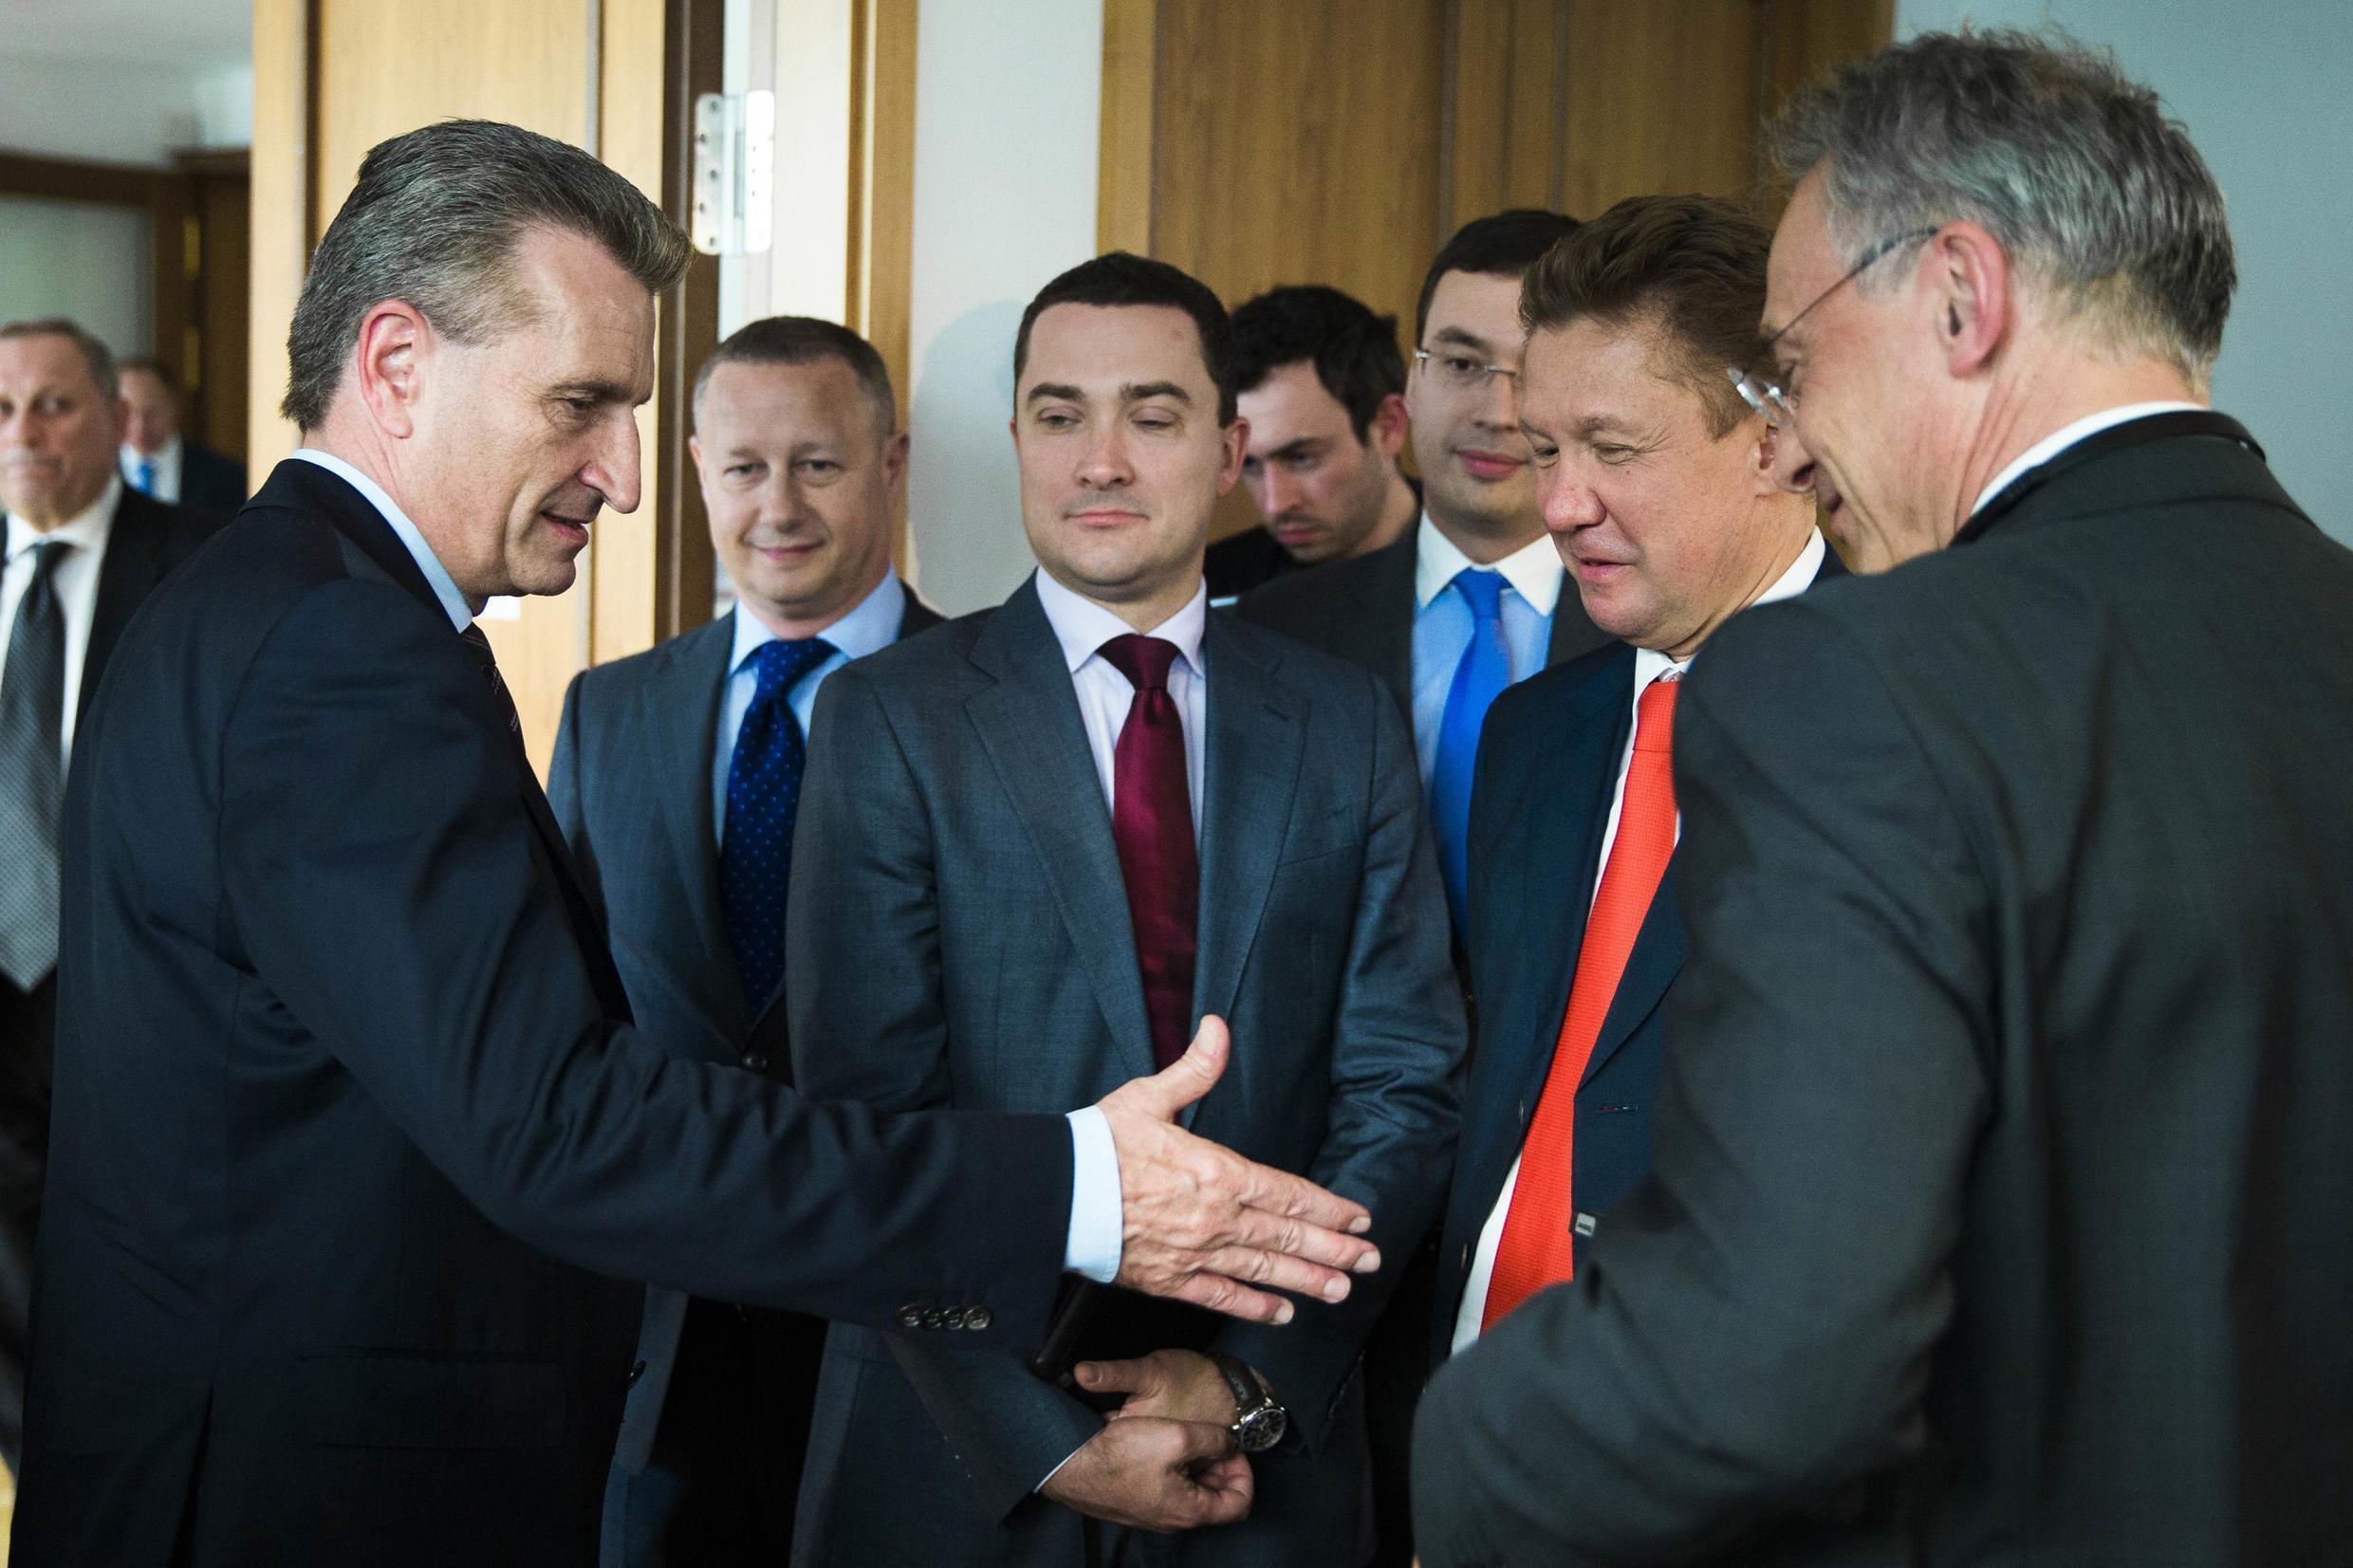 """Еврокомиссар по энергетике Гюнтер Оттингер пожимает руку руководителю """"Газпрома"""" Алексею Миллеру, Берлин, 30 мая 2014 г."""